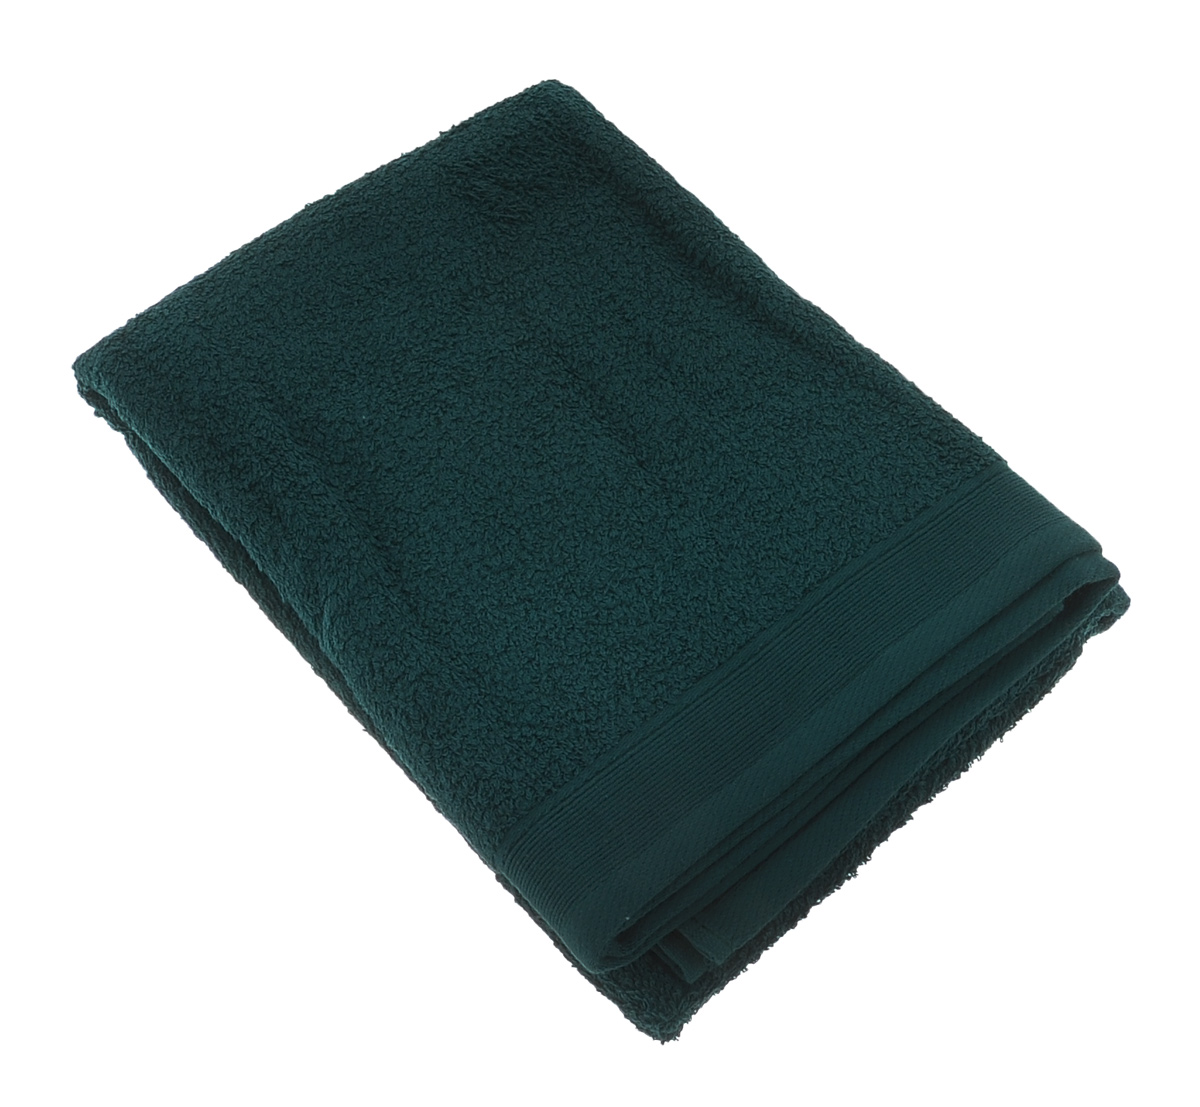 Полотенце махровое Guten Morgen, цвет: темно-зеленый, 70 х 140 смУзТ-НПМ-102-05Махровое полотенце Guten Morgen, изготовленное из натурального хлопка, прекрасно впитывает влагу и быстро сохнет. Высокая плотность ткани делает полотенце мягкими, прочными и пушистыми. При соблюдении рекомендаций по уходу изделие сохраняет яркость цвета и не теряет форму даже после многократных стирок. Махровое полотенце Guten Morgen станет достойным выбором для вас и приятным подарком для ваших близких. Мягкость и высокое качество материала, из которого изготовлено полотенце, не оставит вас равнодушными.